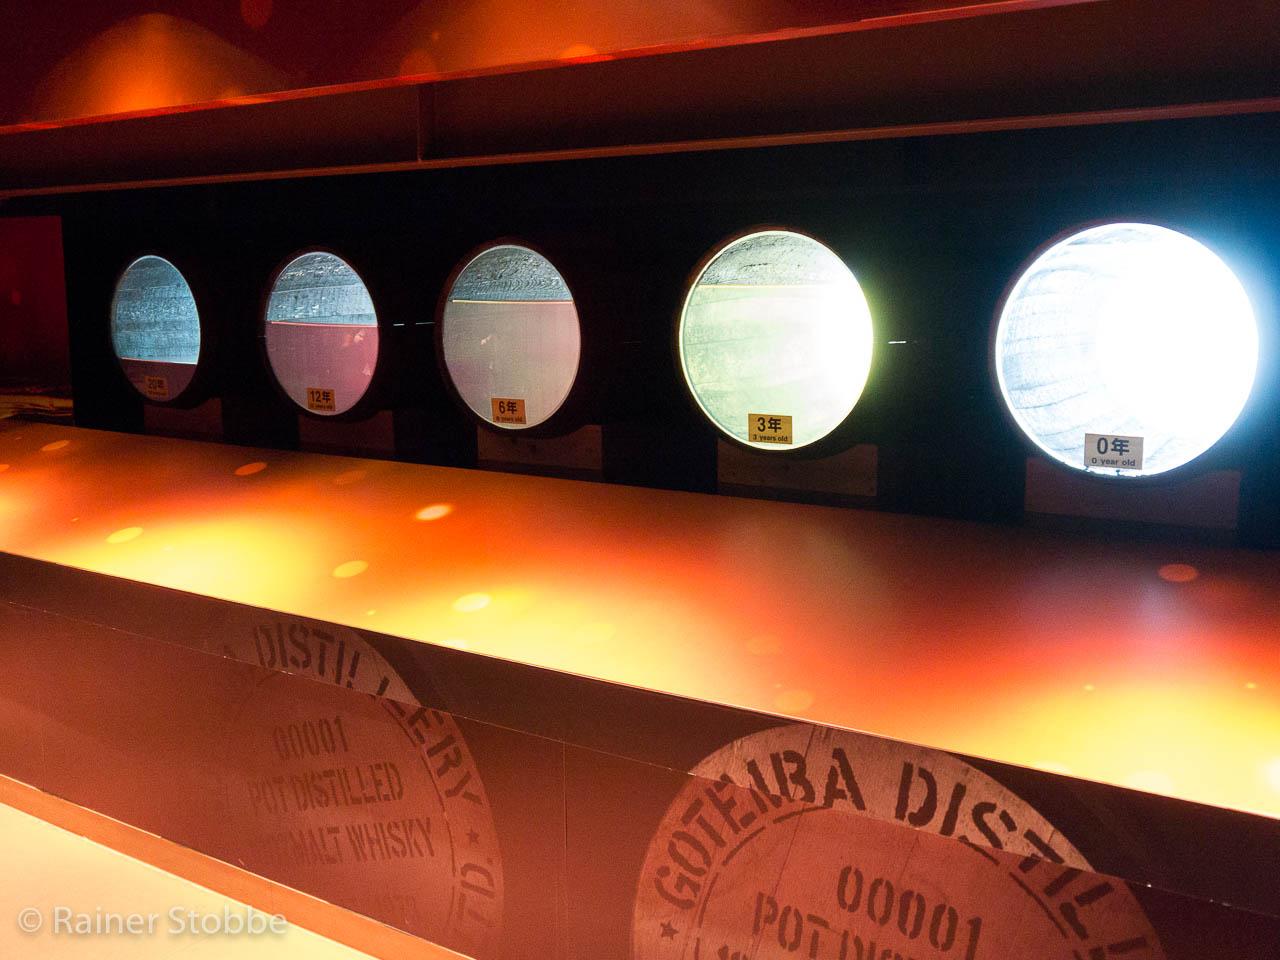 Japanspezialreisen - Whisky in Japan - Kirin Fuji Gotemba - 036 - Rainer Stobbe